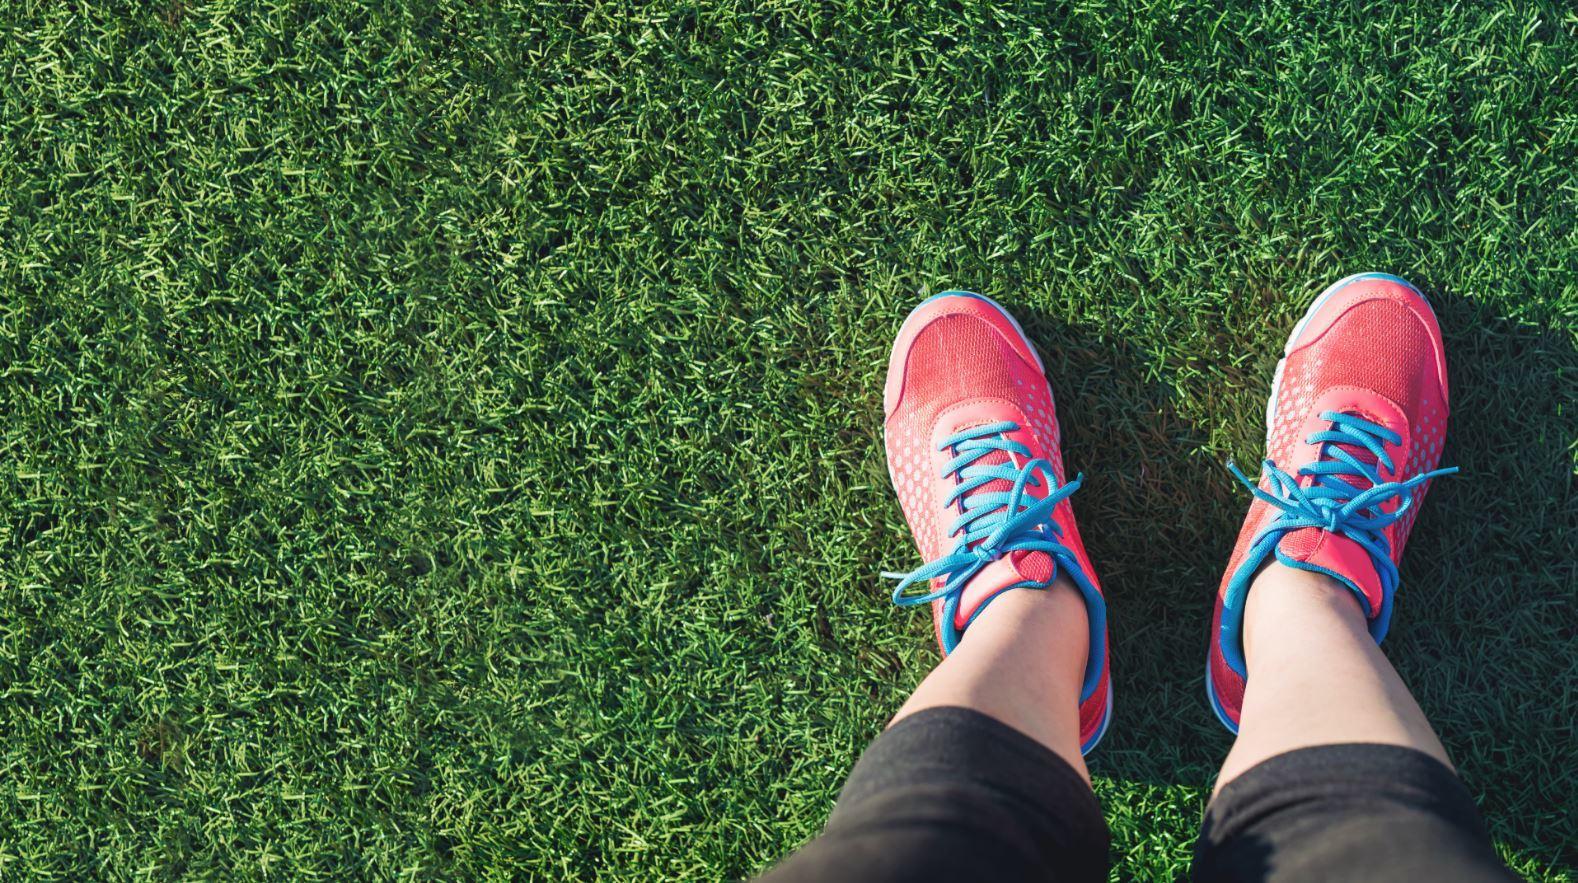 Feet Grass Joggers Diabetic Risk